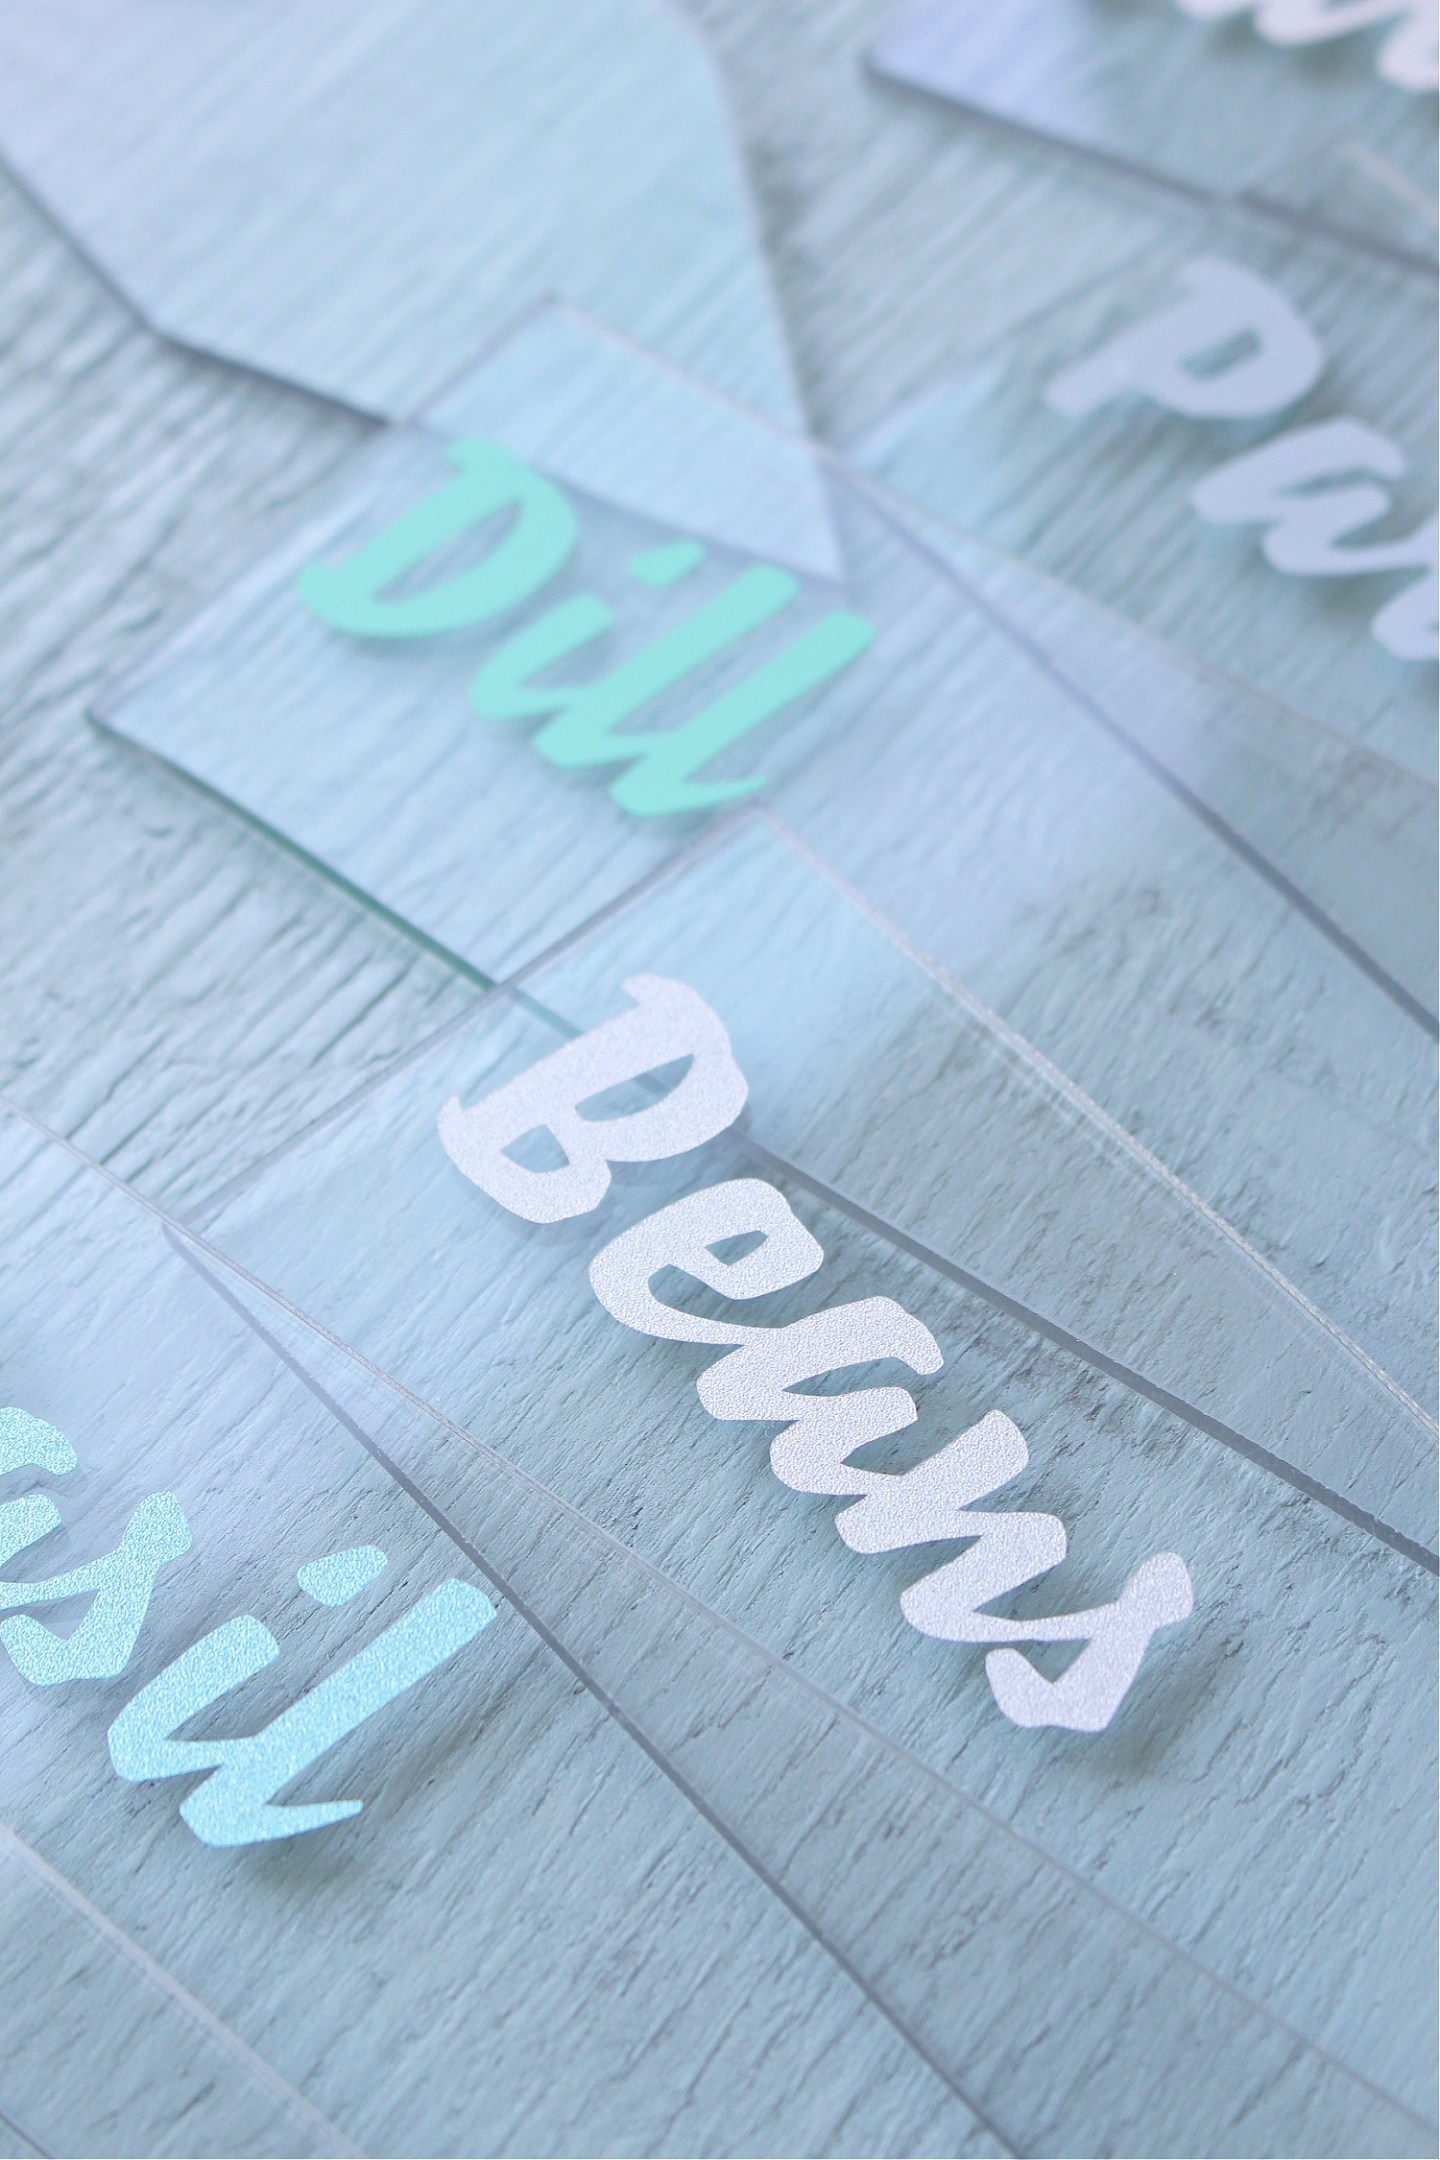 DIY Acrylic Garden Markers